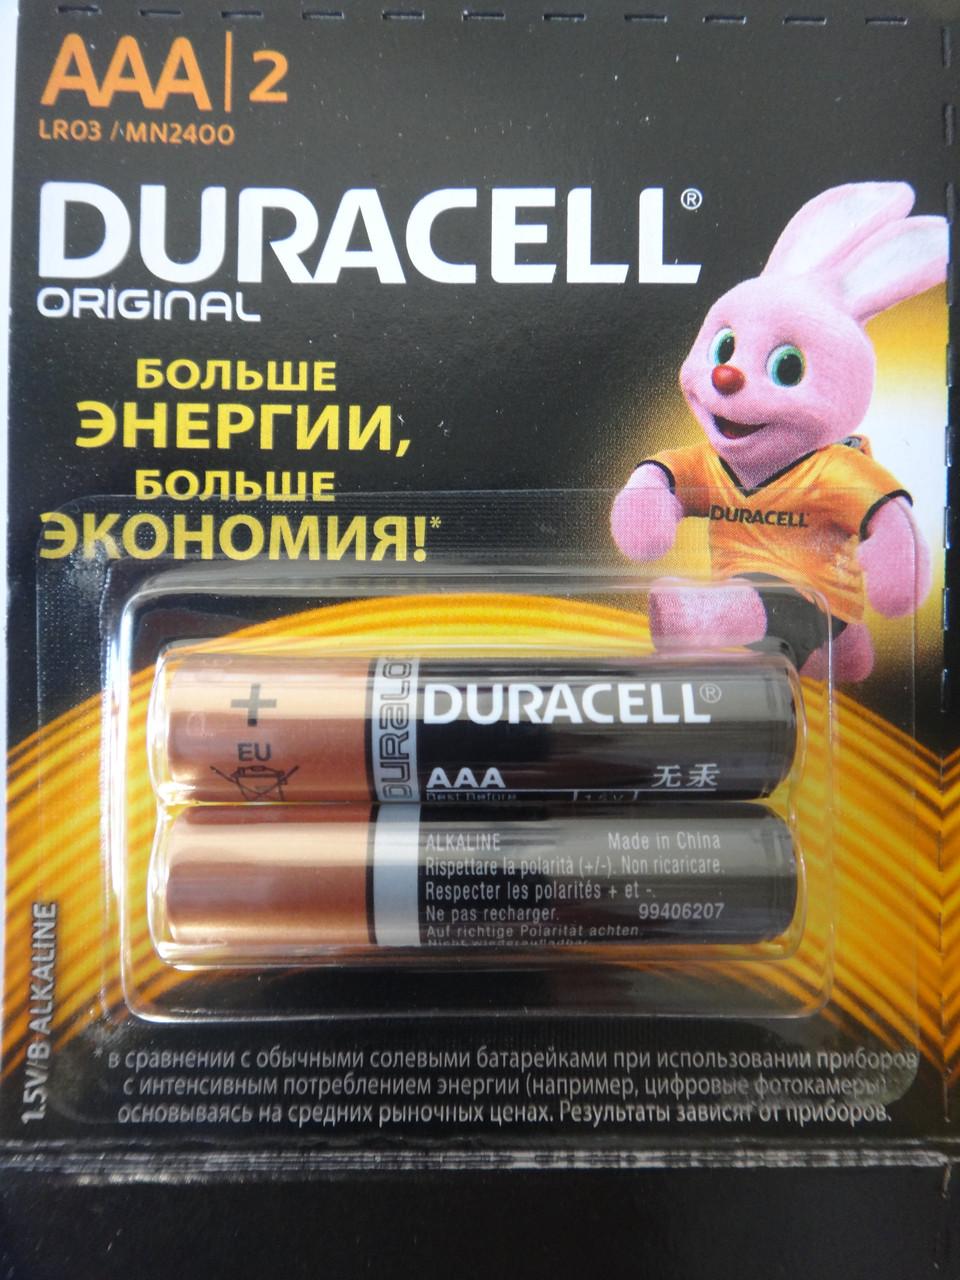 Батарейки Duracell AAA original LR03 MH2400 1.5v мини пальчик 2шт